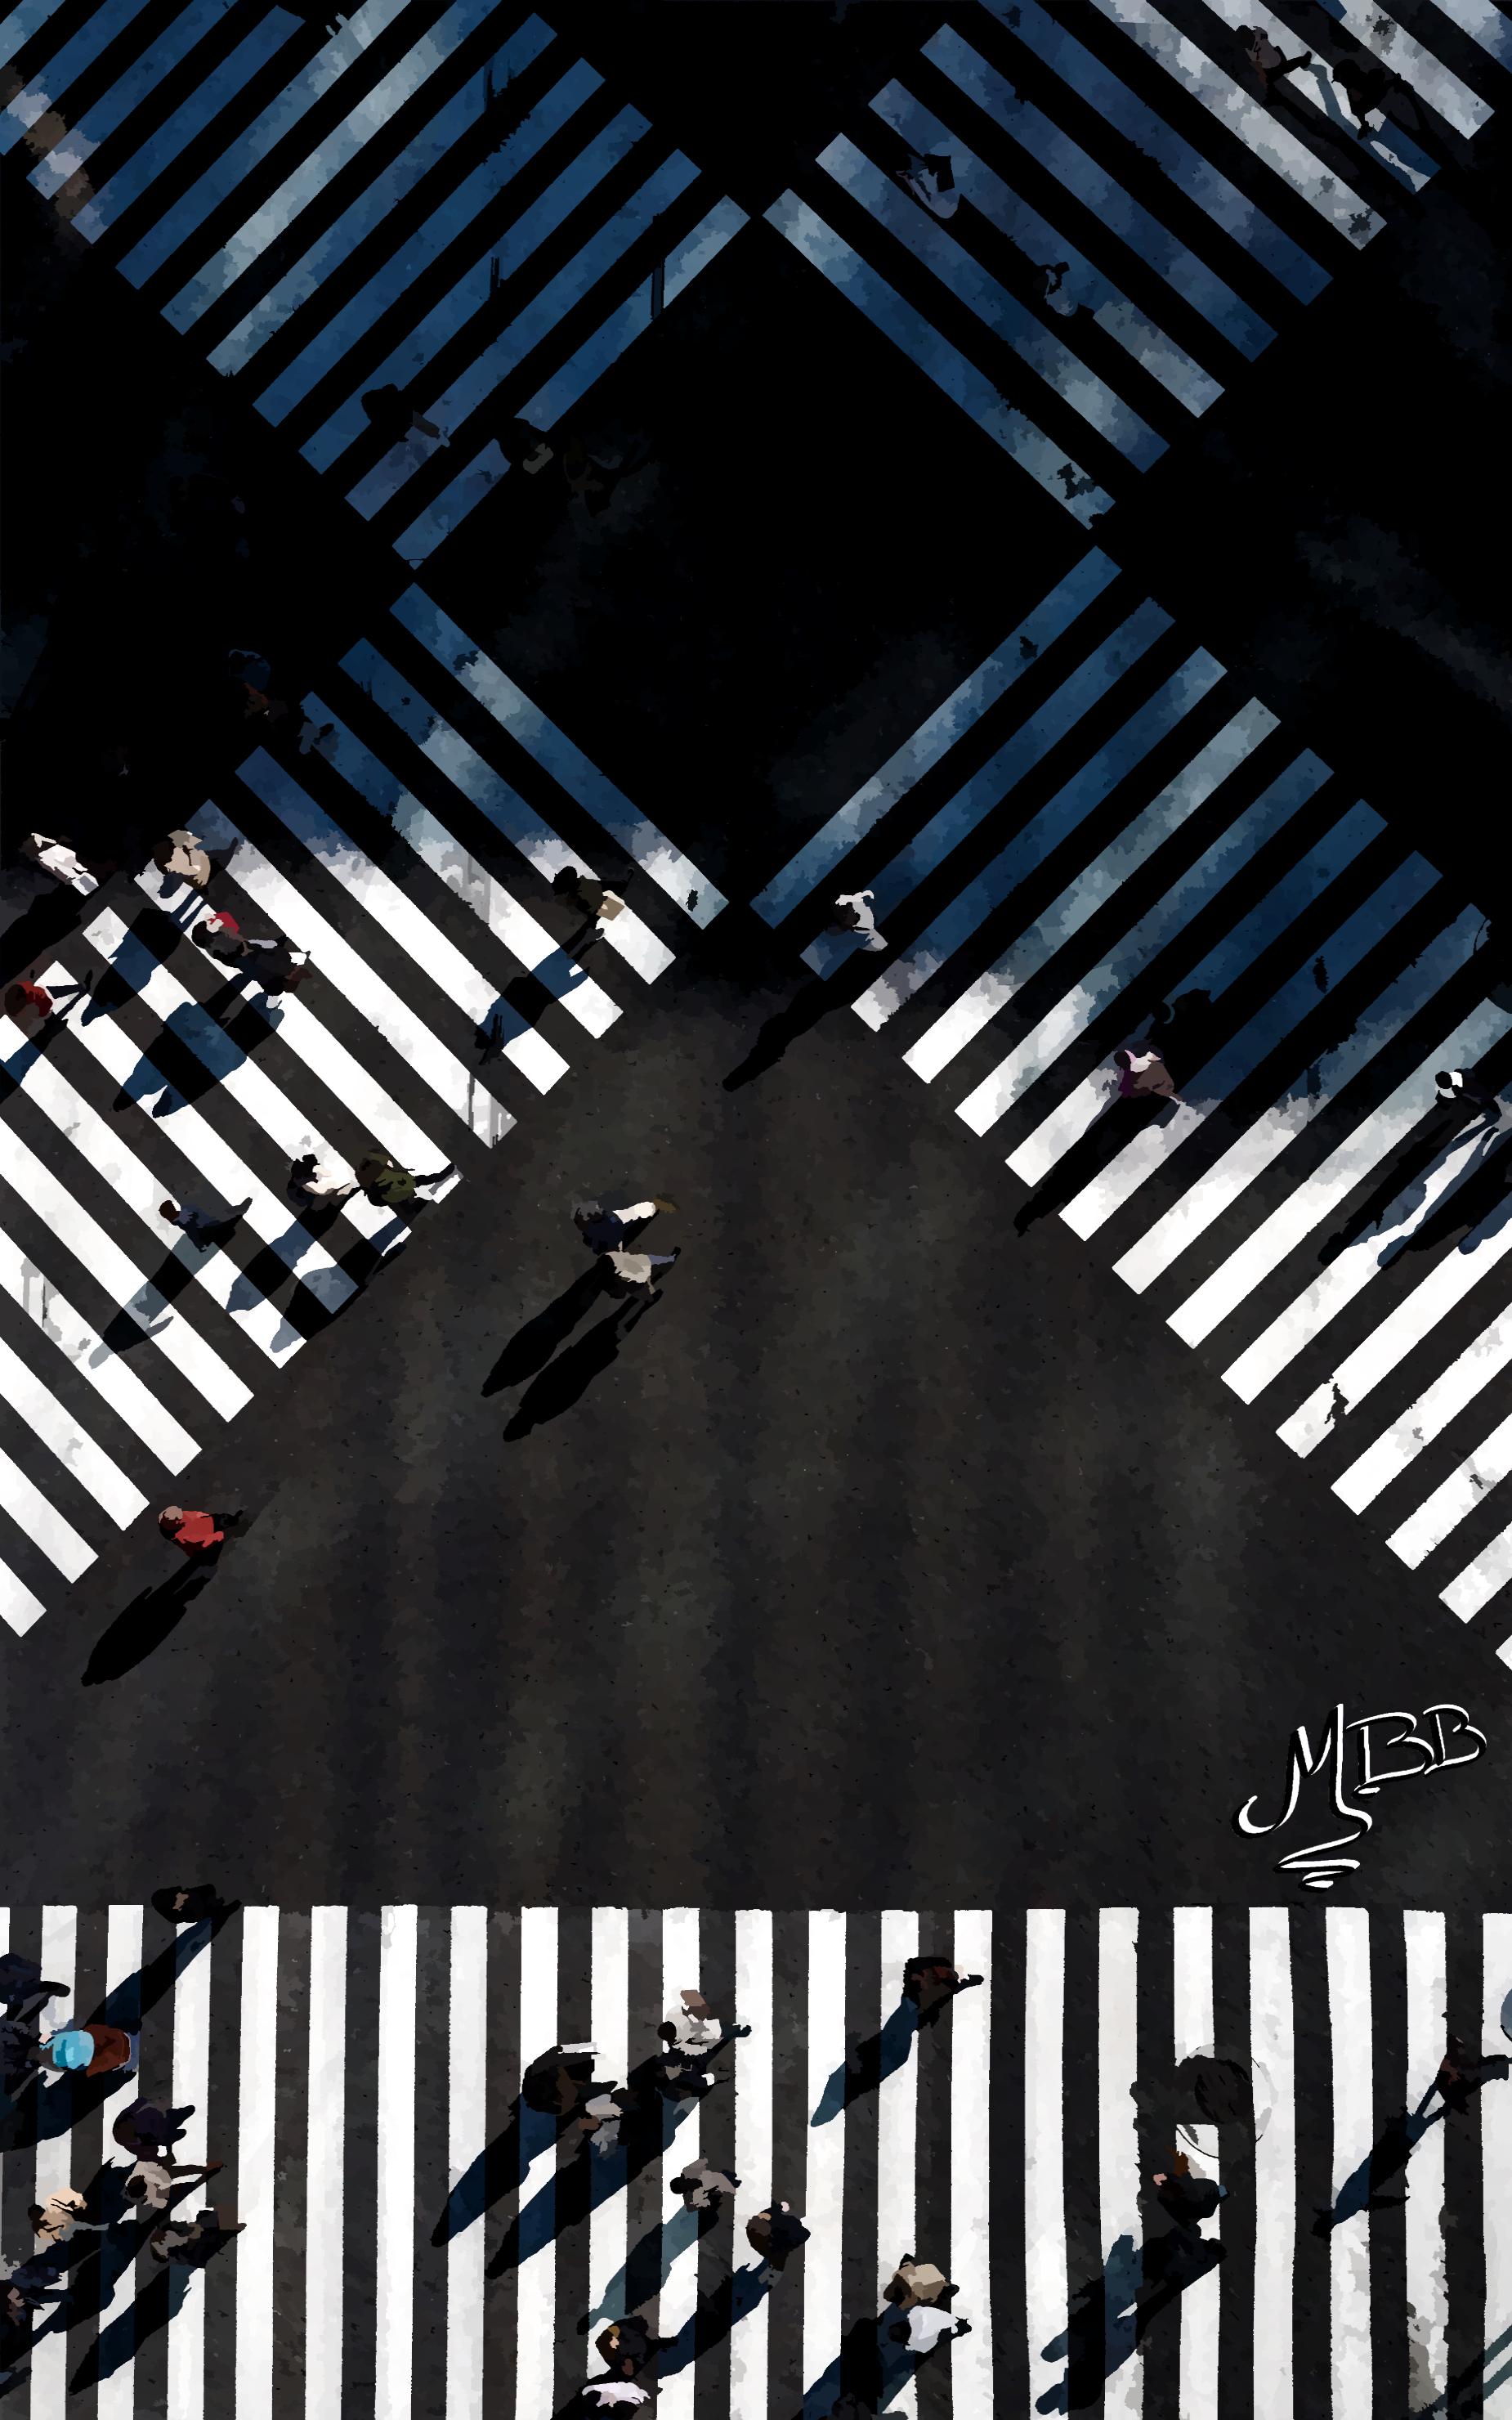 Silent symphony of zebras